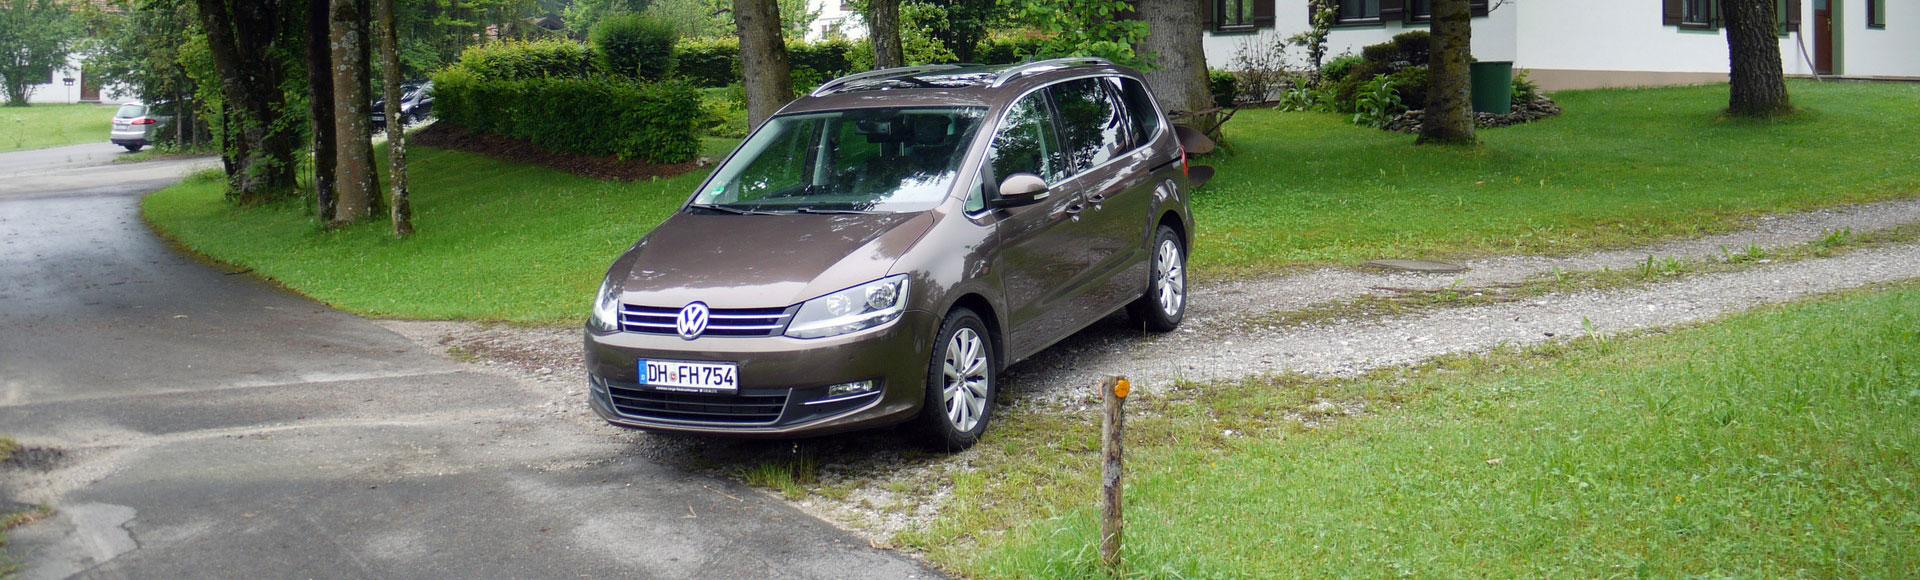 VW Sharan 2011 Spring 759